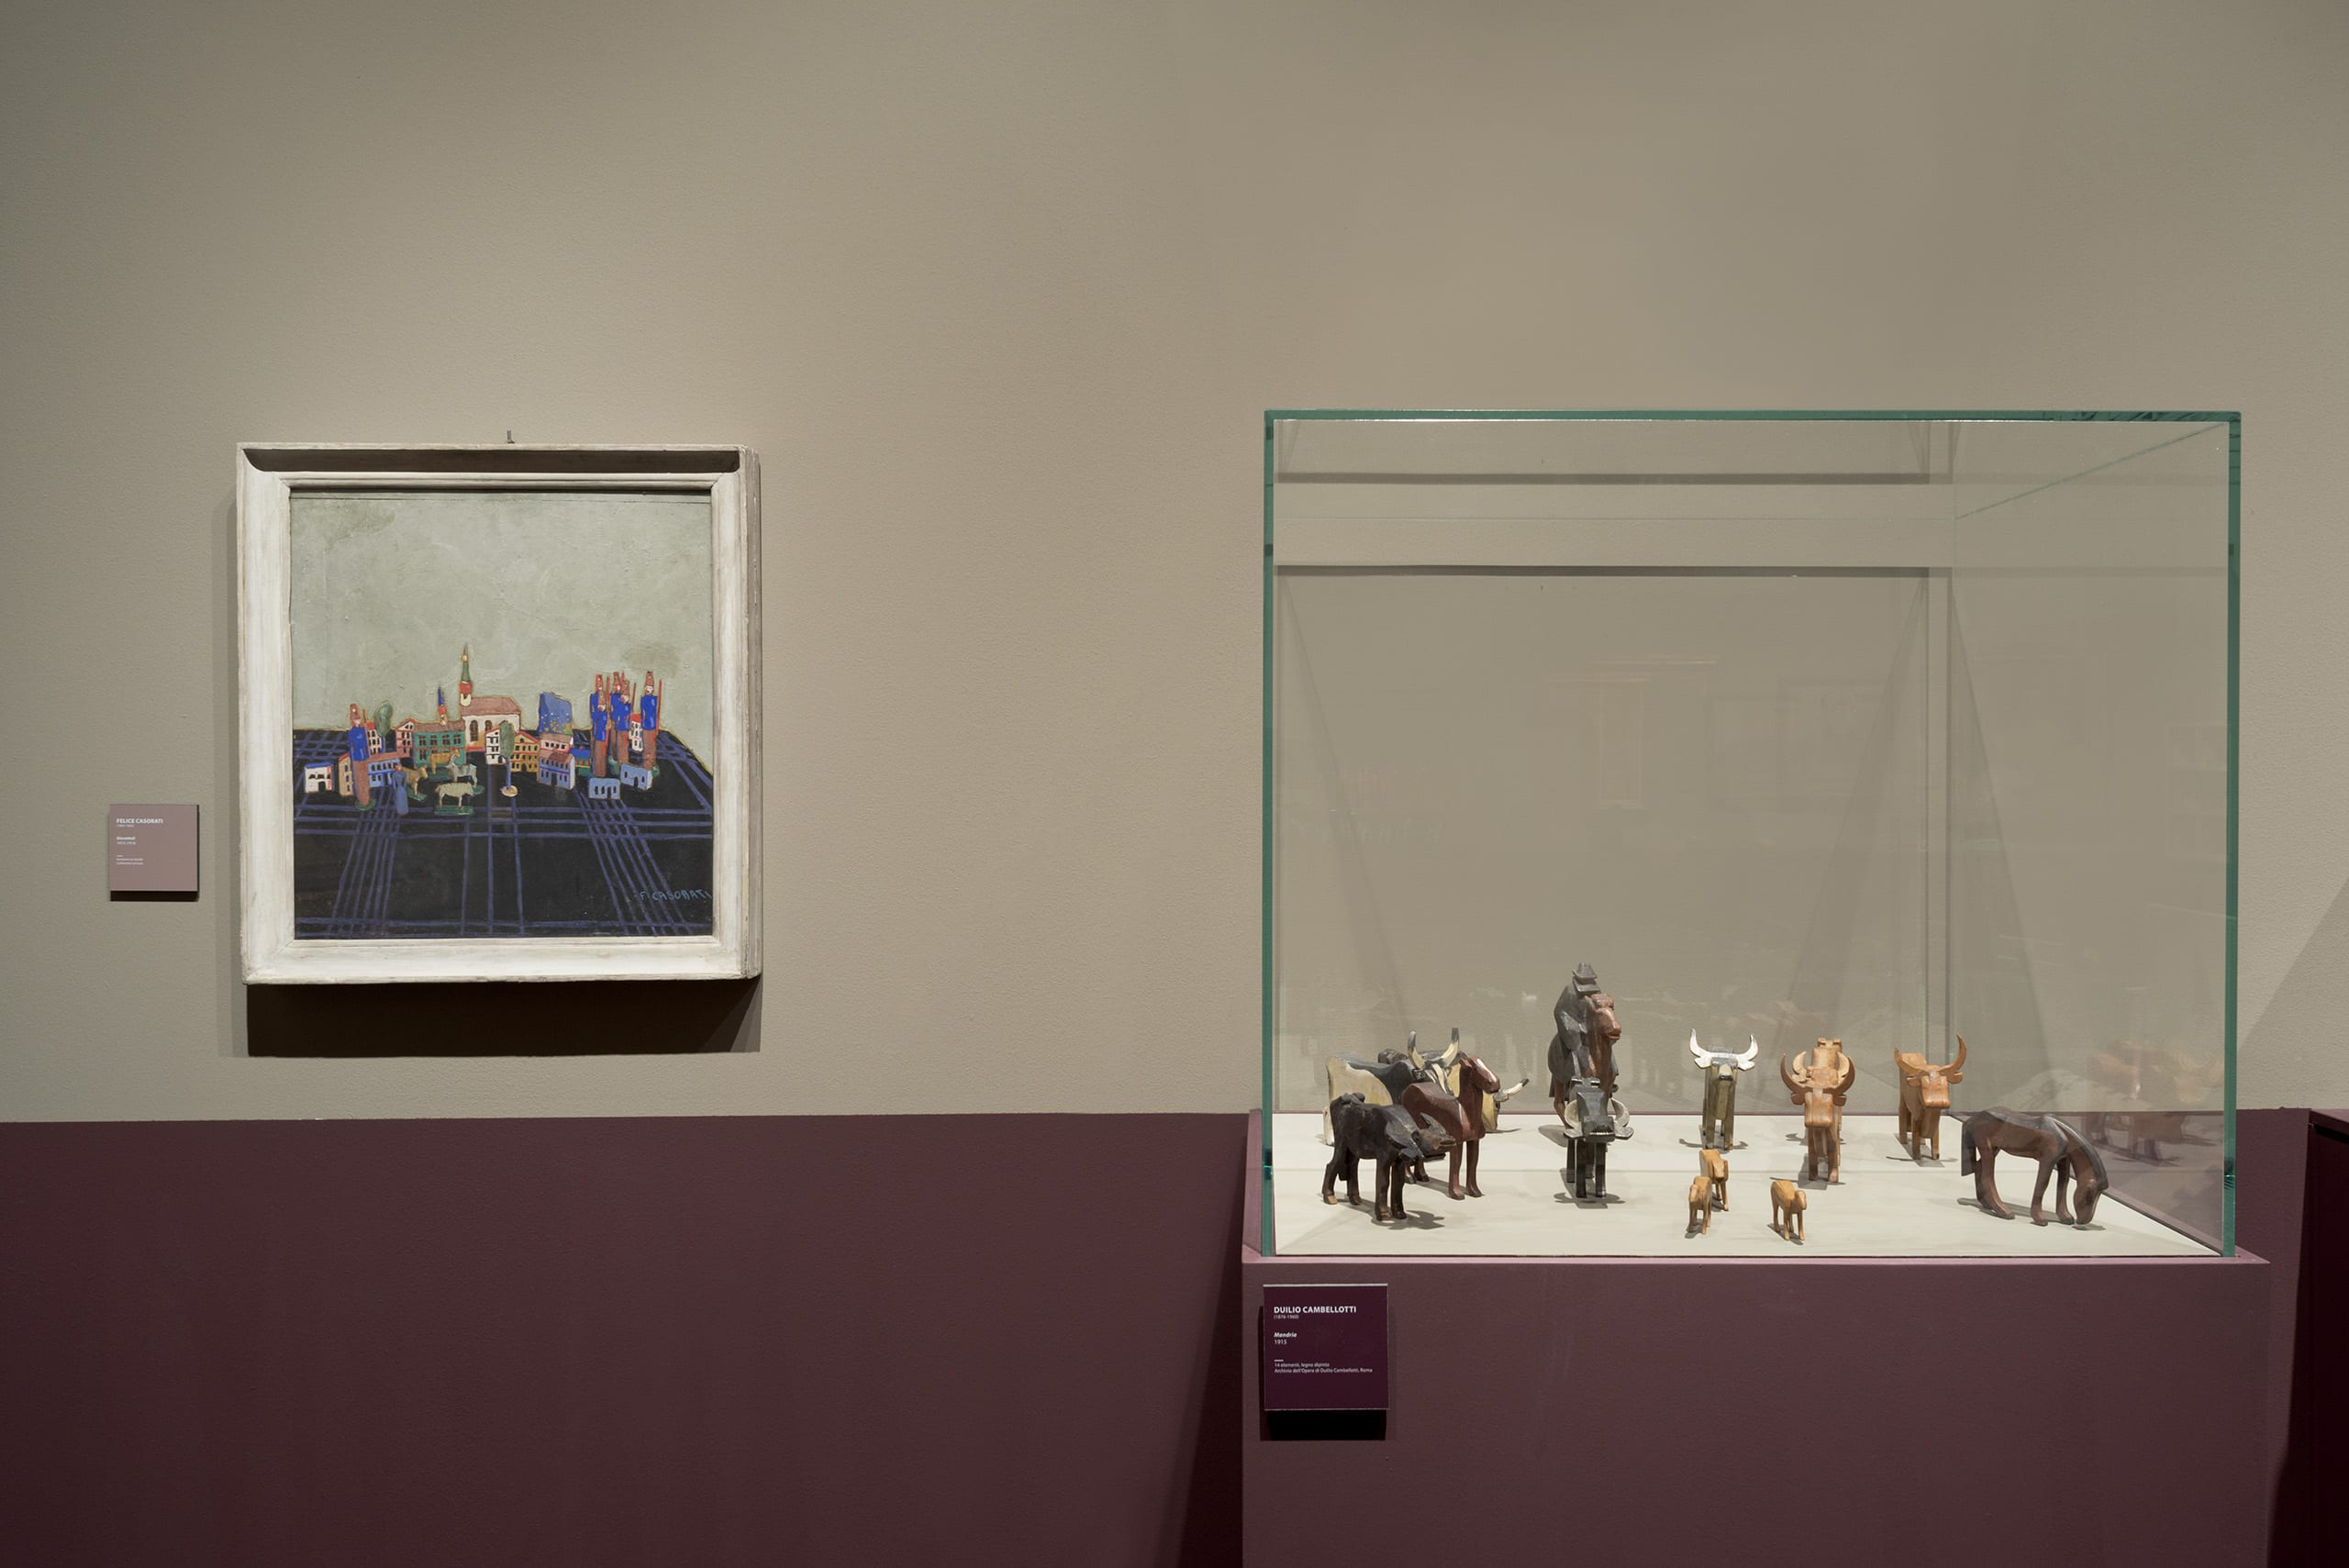 La Trottola e il Robot in mostra al PALP, Progetto di Deferrari+Modesti